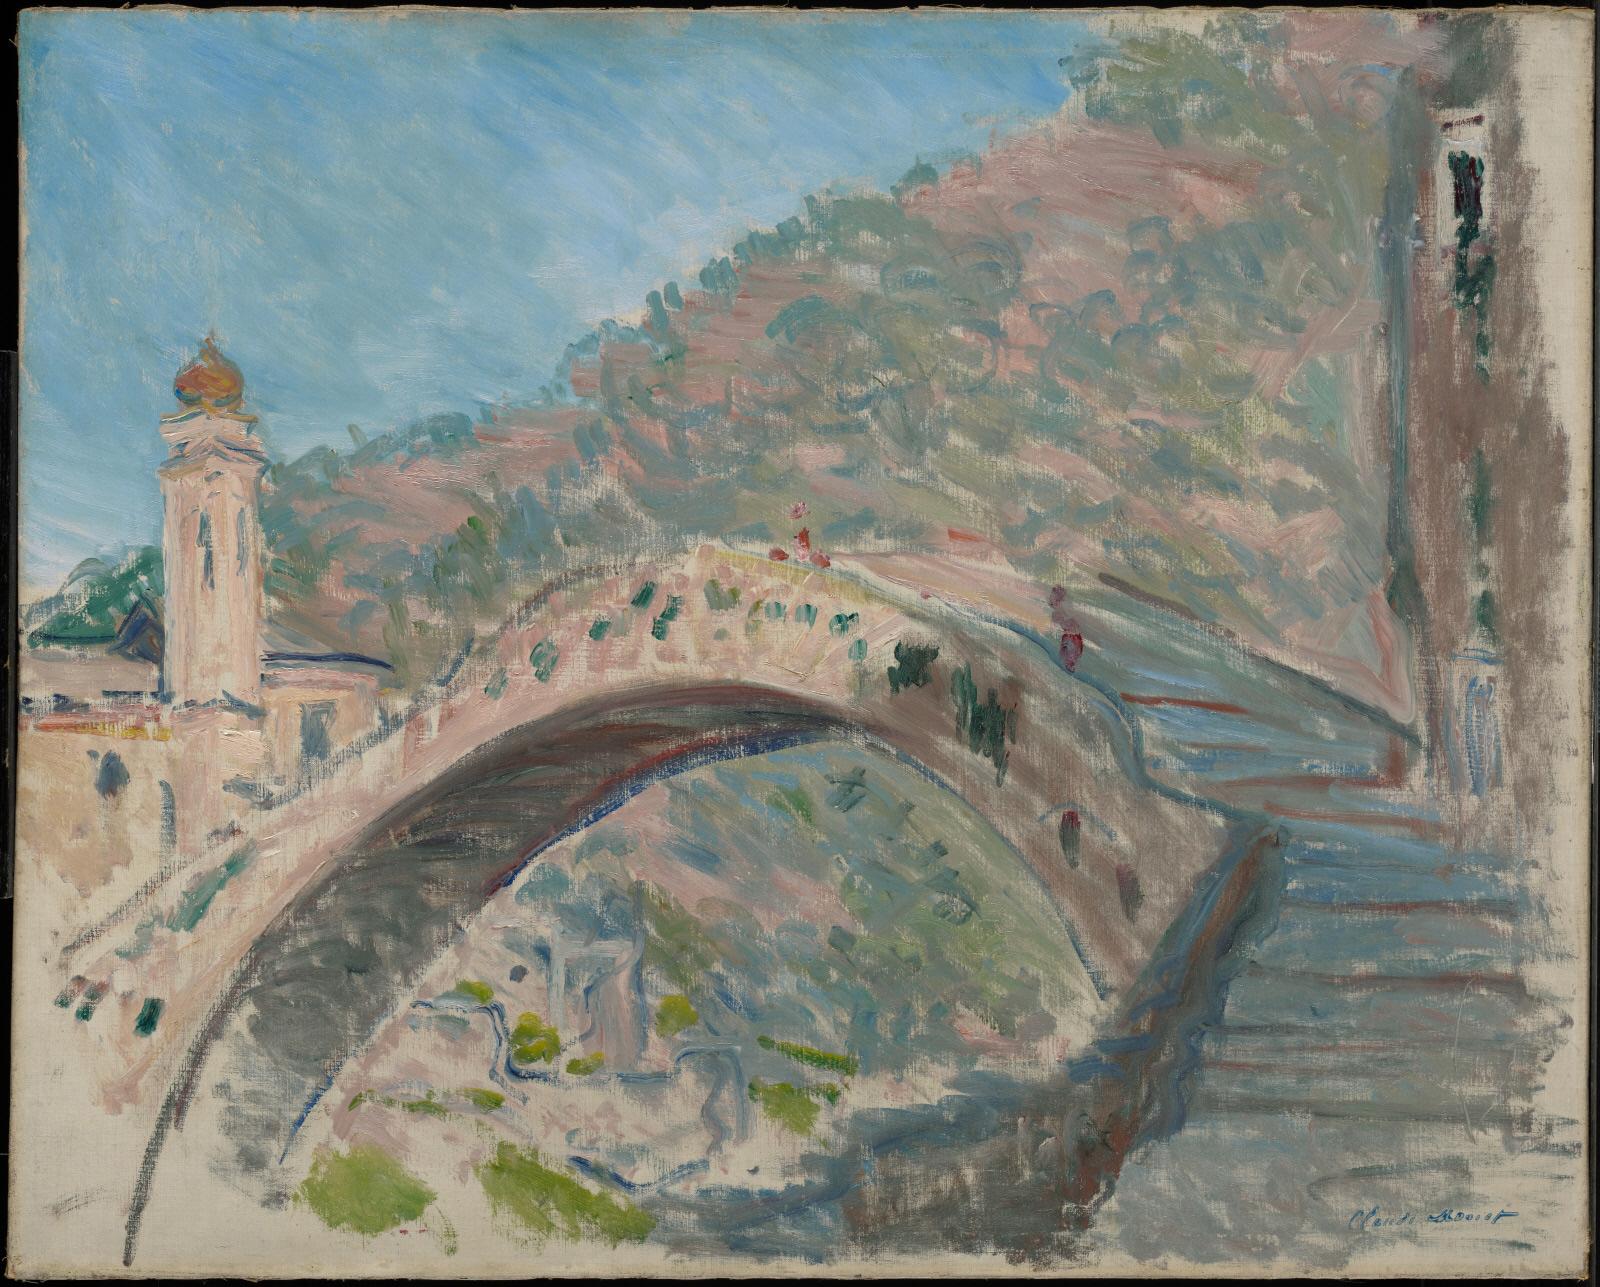 Claude Monet, L'Antico ponte sul Nervia a Dolceacqua (1884; olio su tela, 65 x 81 cm; Williamstwon, Sterling & Francine Clark Art Institute)